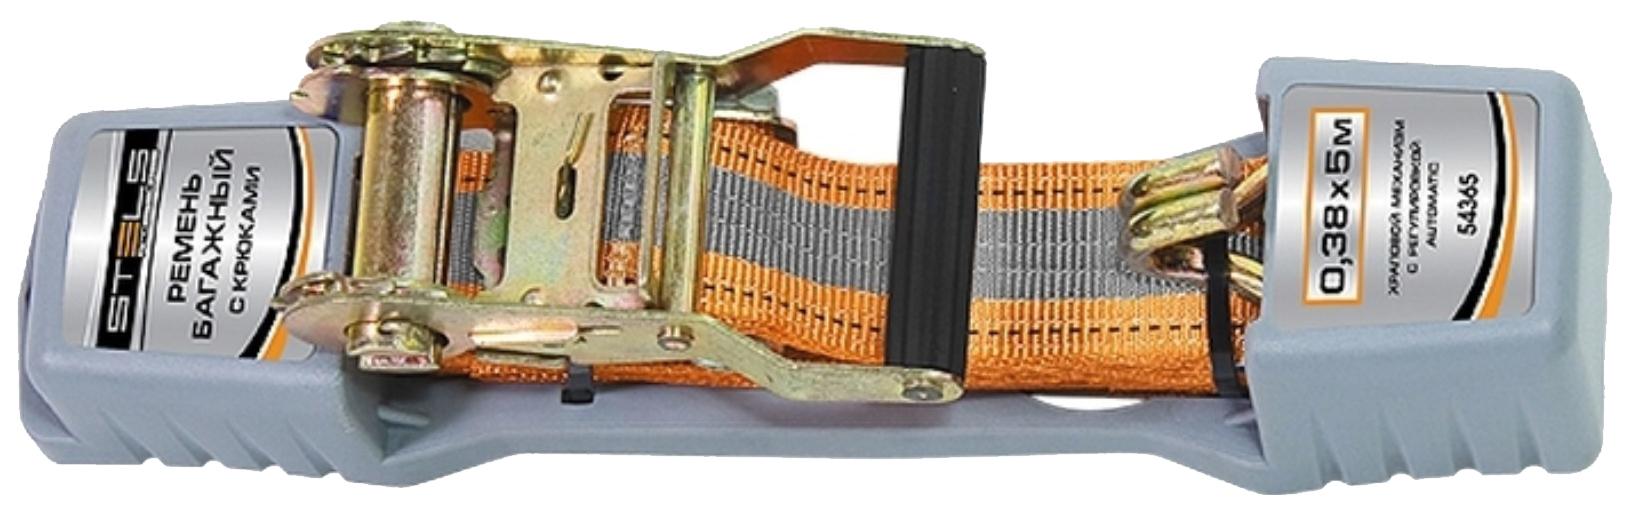 e886c72a927b0 ▷ Купить ремни и пояса с E-Katalog - цены интернет-магазинов России ...